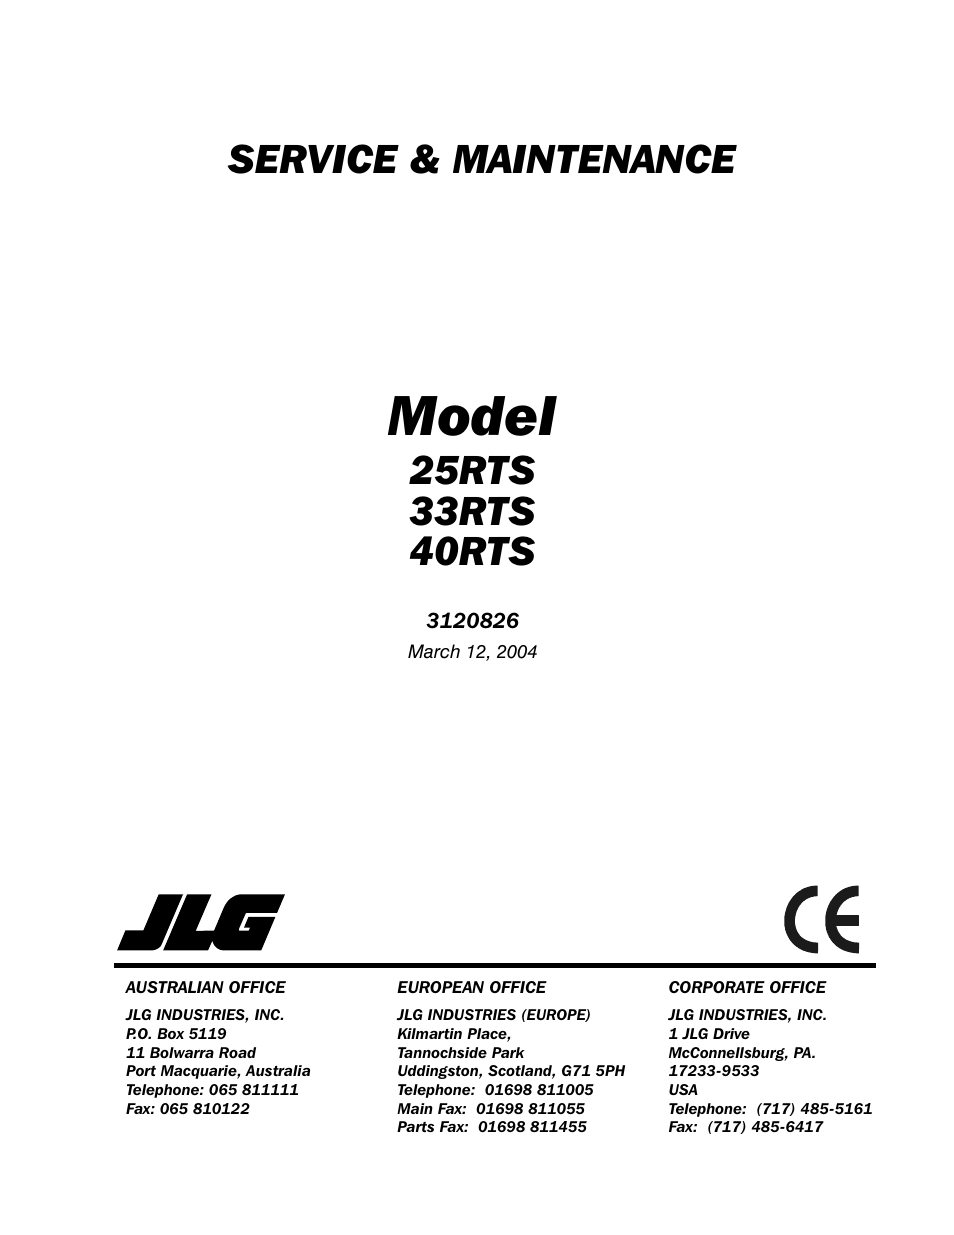 jlg 40rts service manual page1?resize\\\=665%2C861 skytrak 5028 wiring diagram sullair wiring diagram, jlg wiring skytrak 6036 wiring diagram at bayanpartner.co